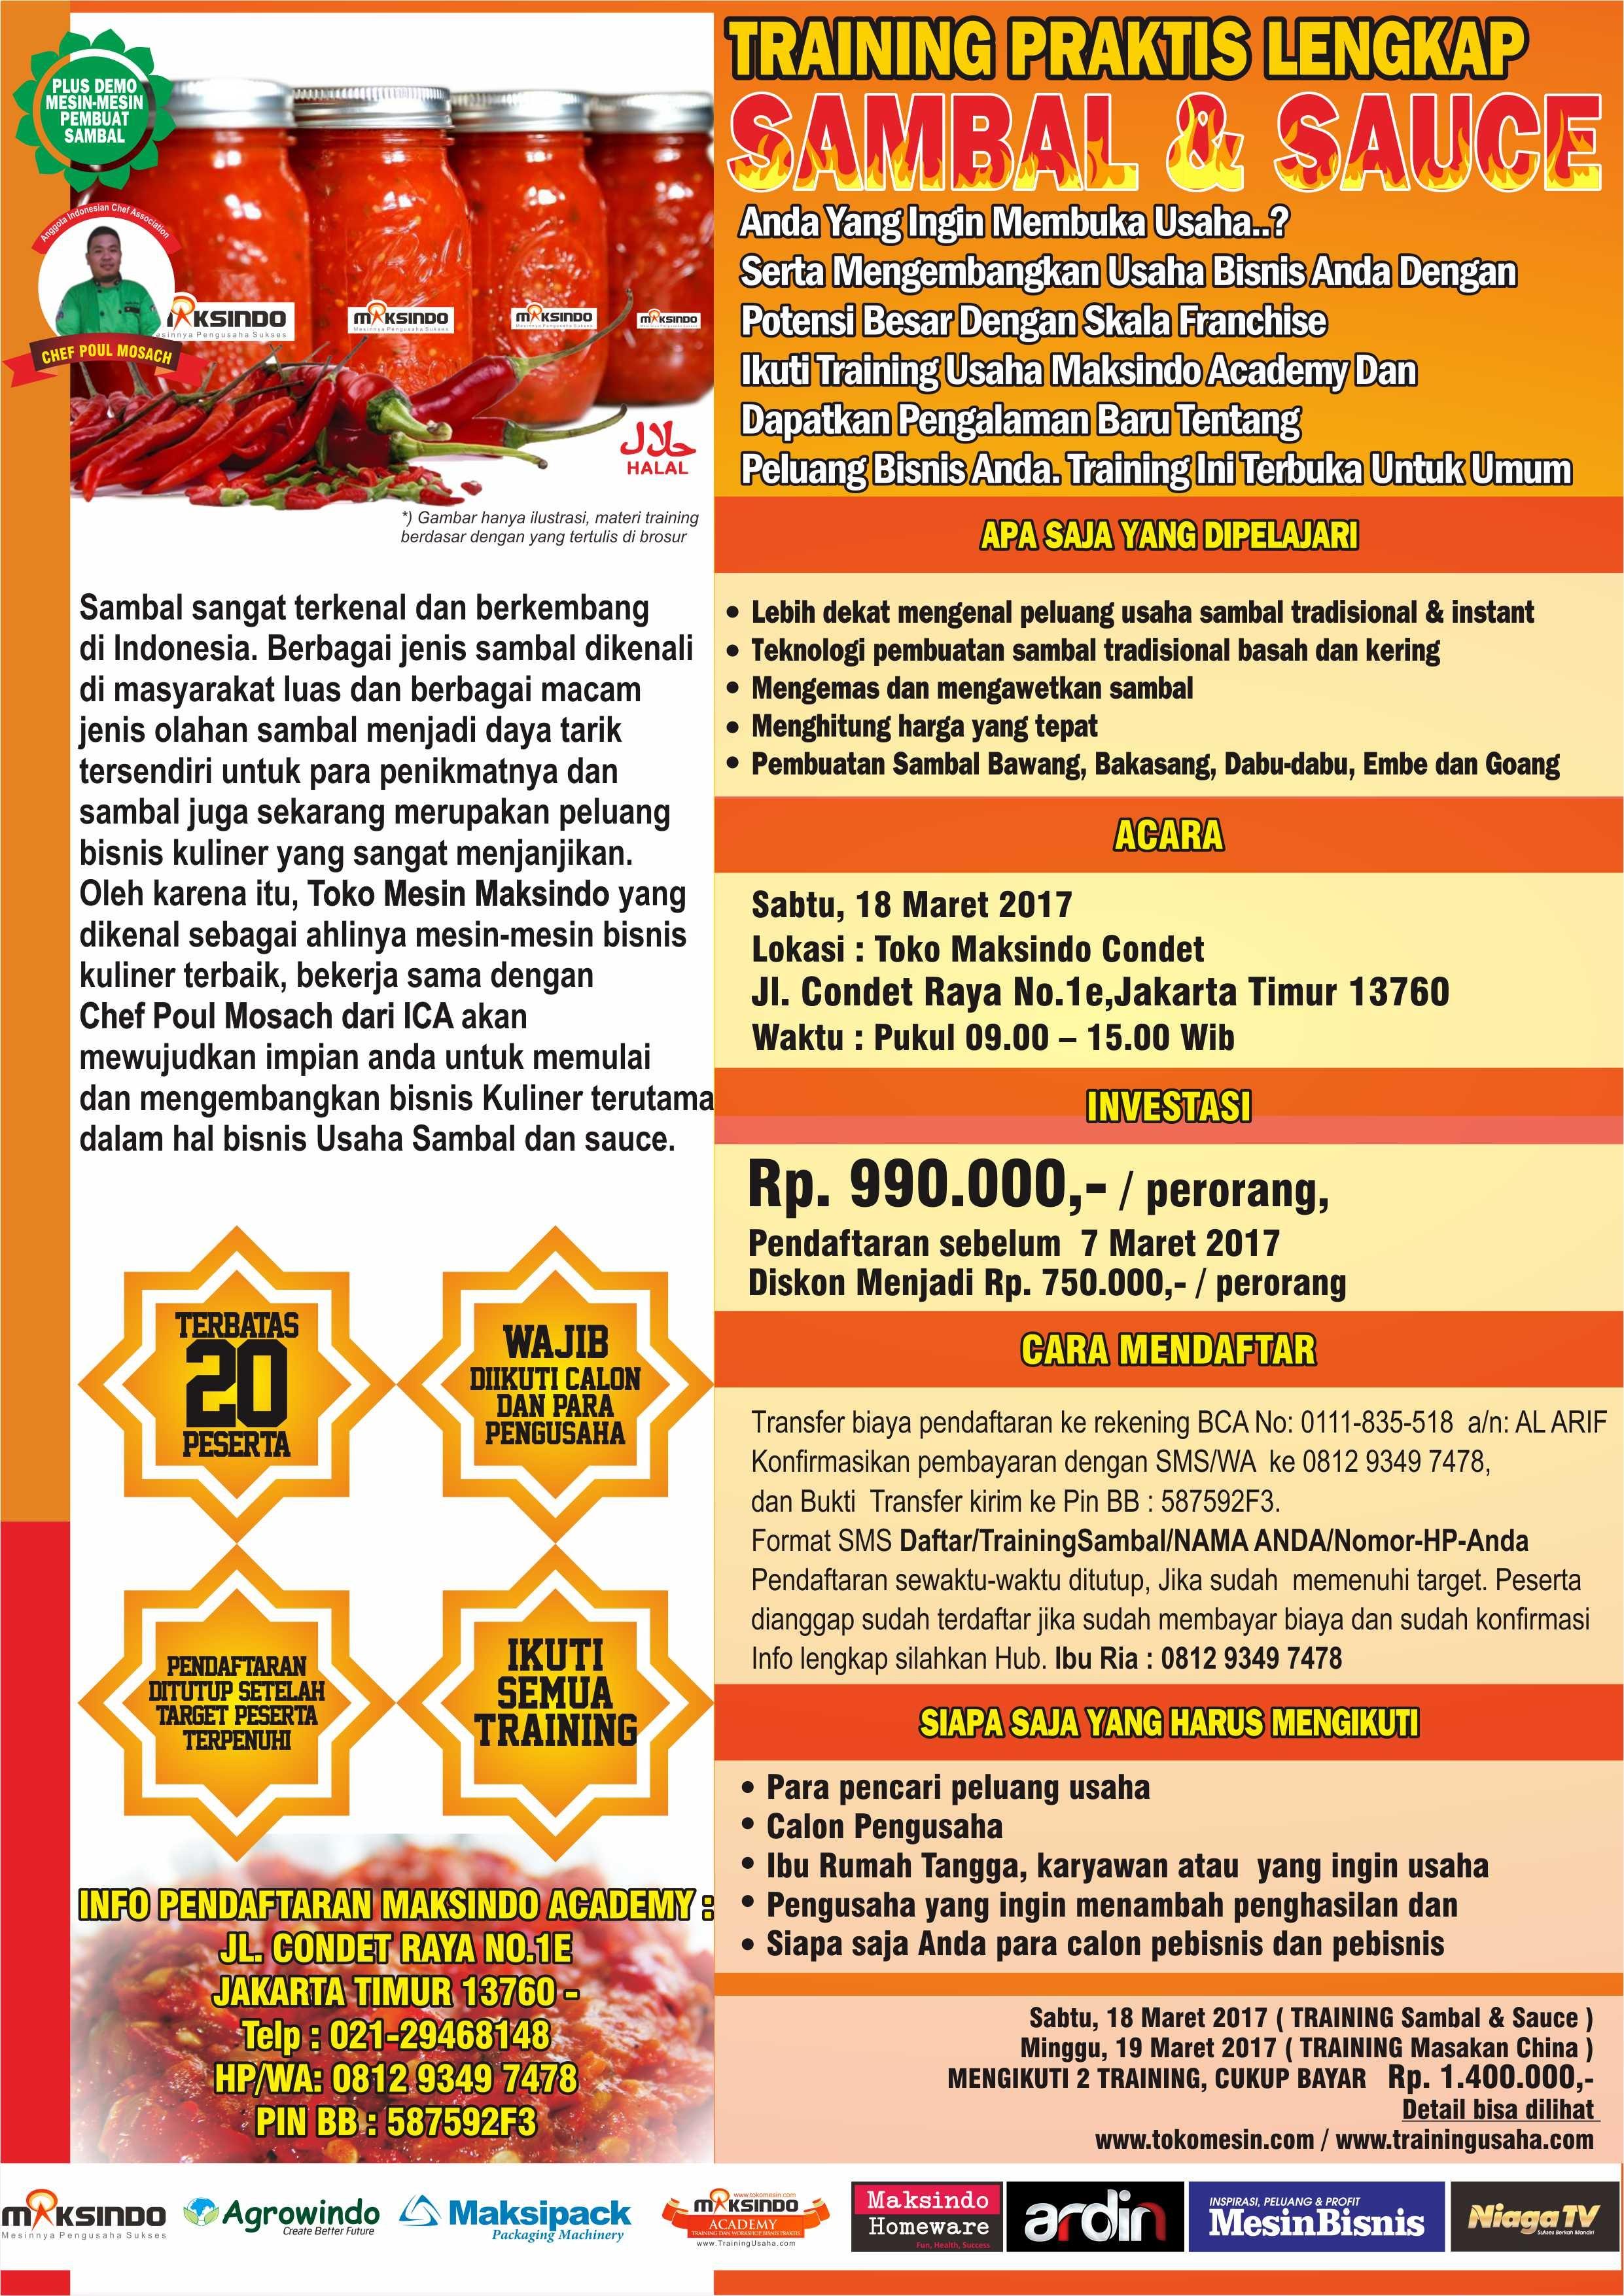 18-3-2017 TRAINING SAMBAL (1)